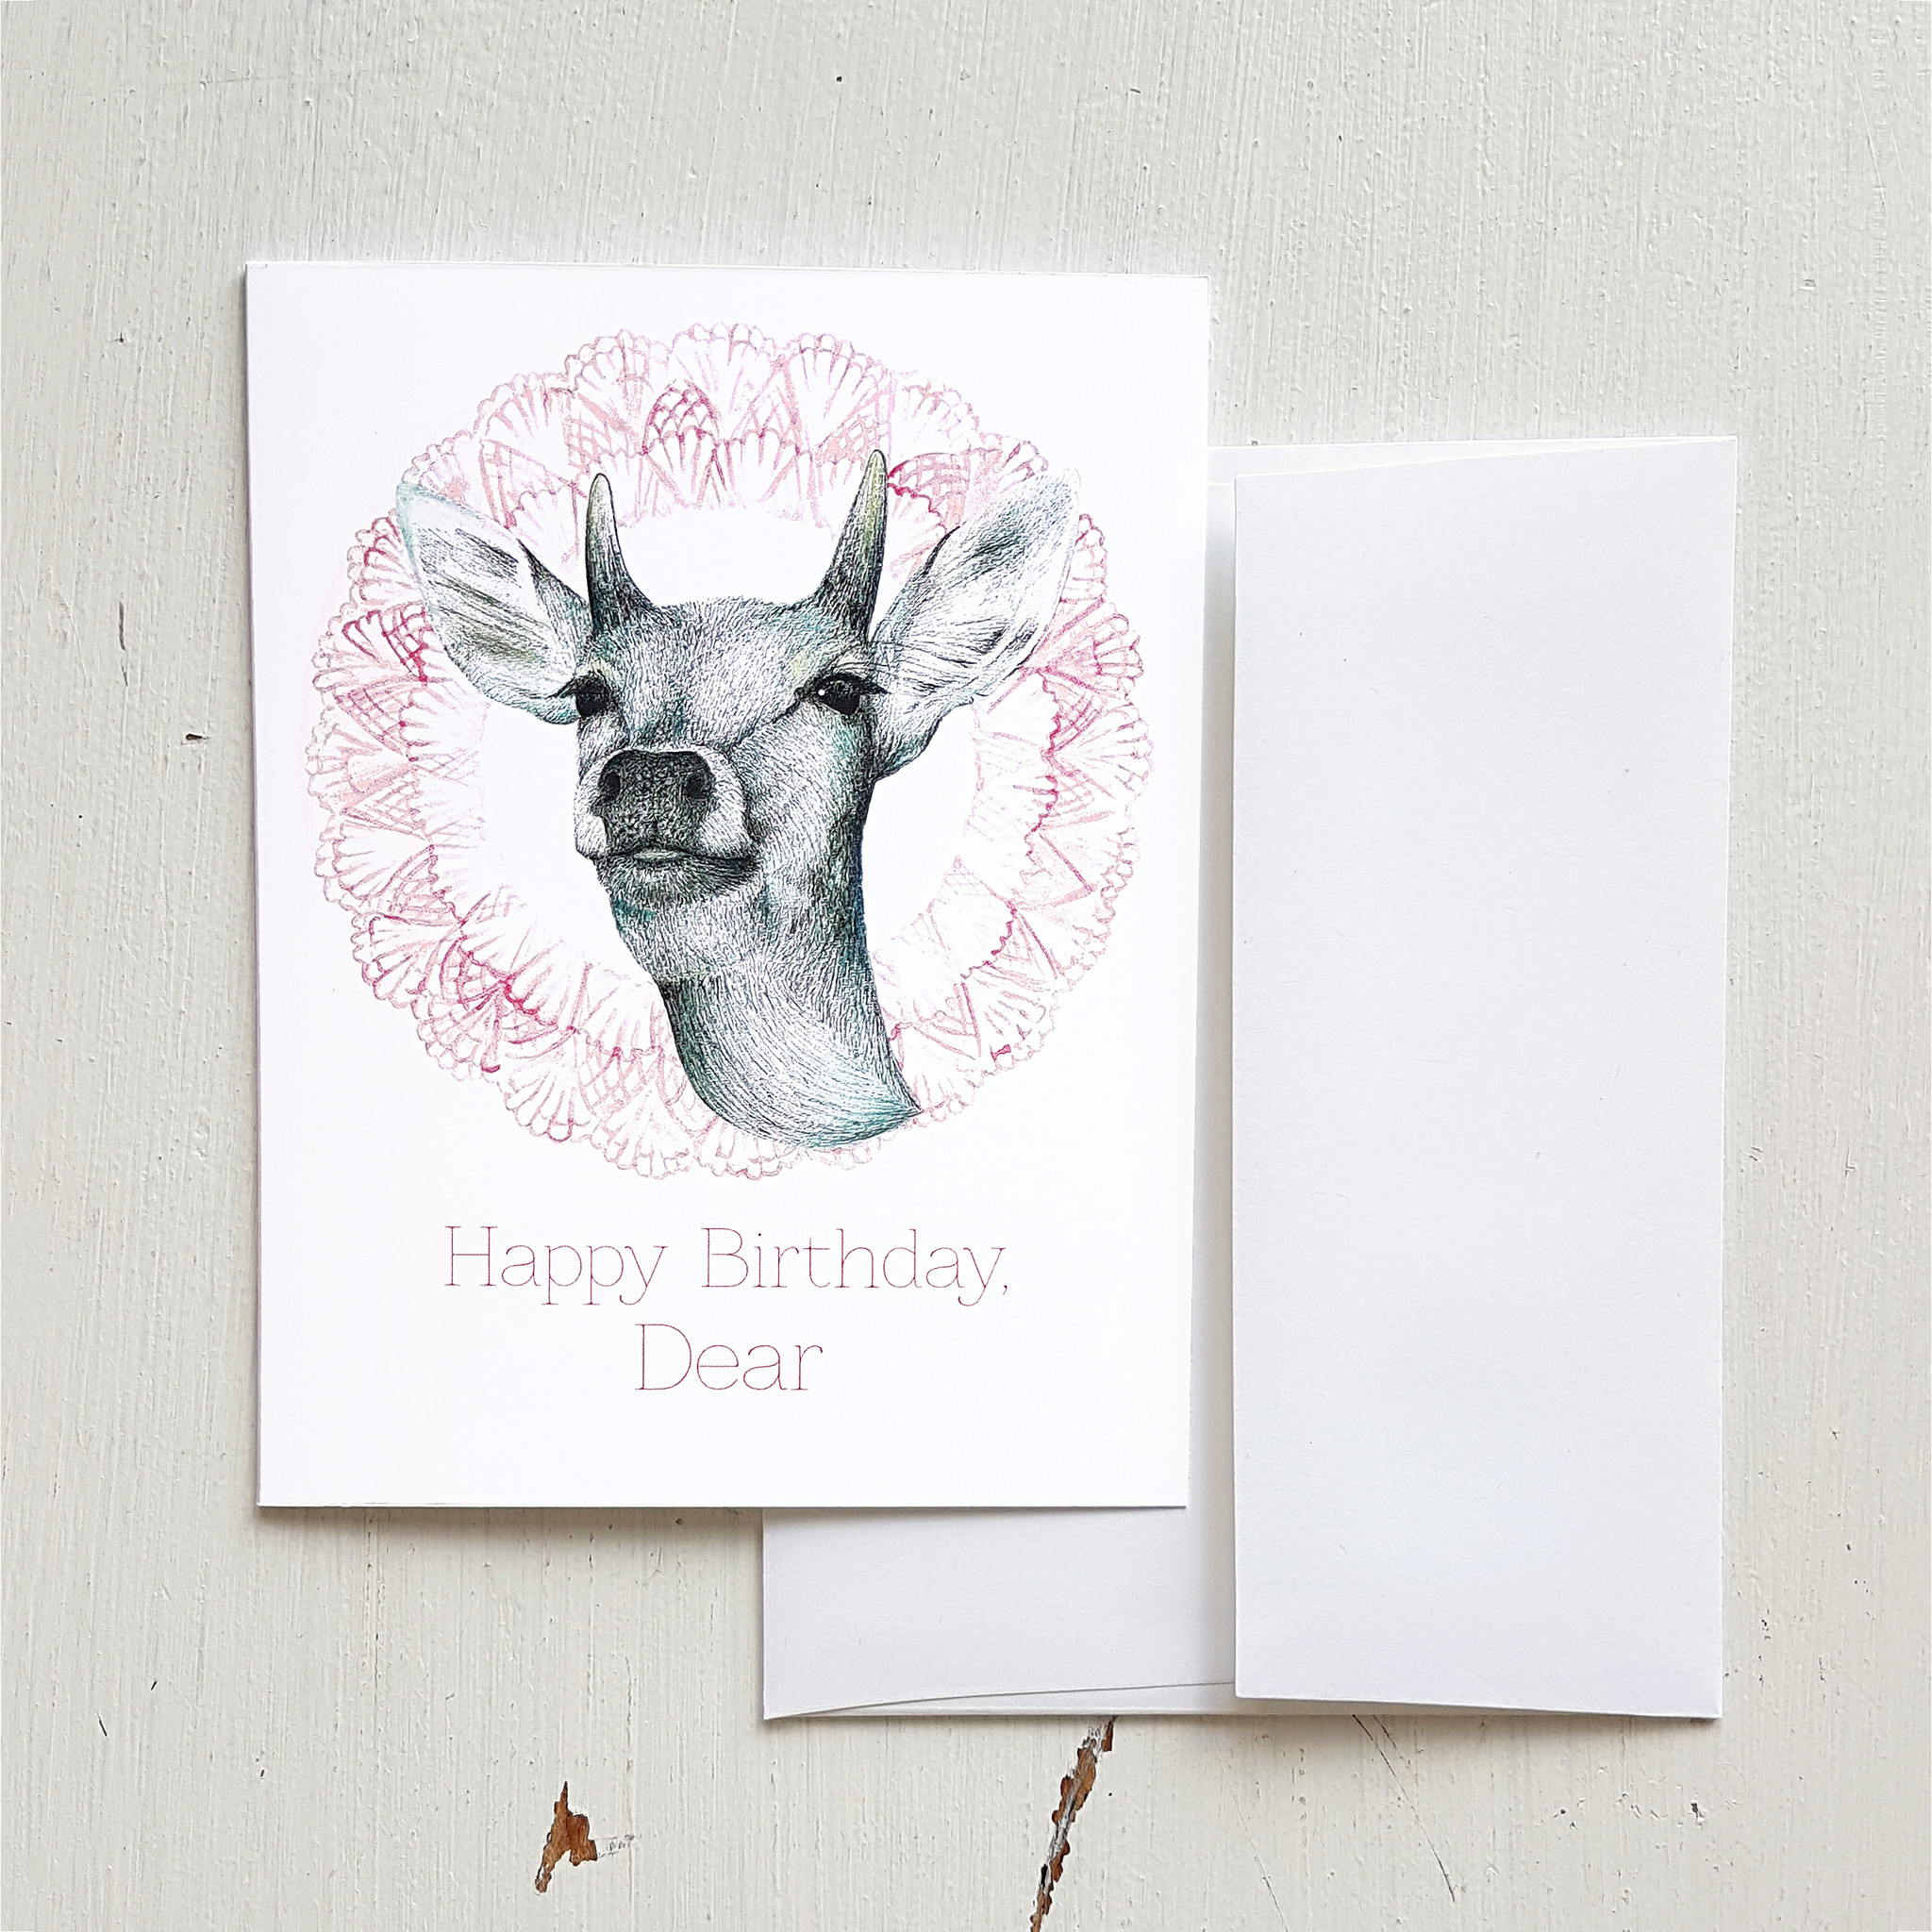 Happy Birthday Dear Small Card